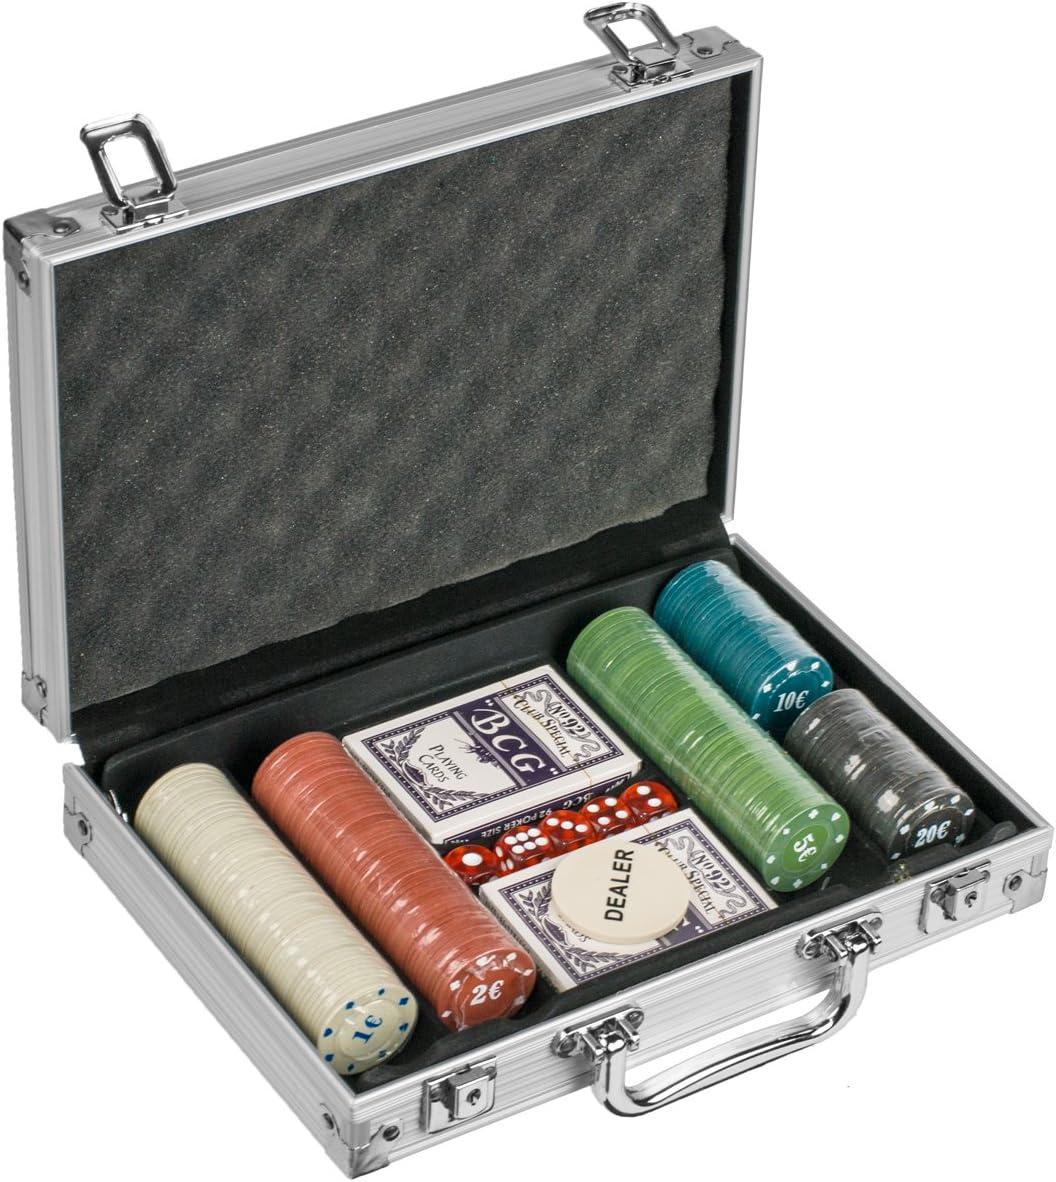 Poker estuche con 200 (4 G) de fichas de póquer, con fichas de póquer Euro Pokerset plata Talla:200 Chips: Amazon.es: Deportes y aire libre